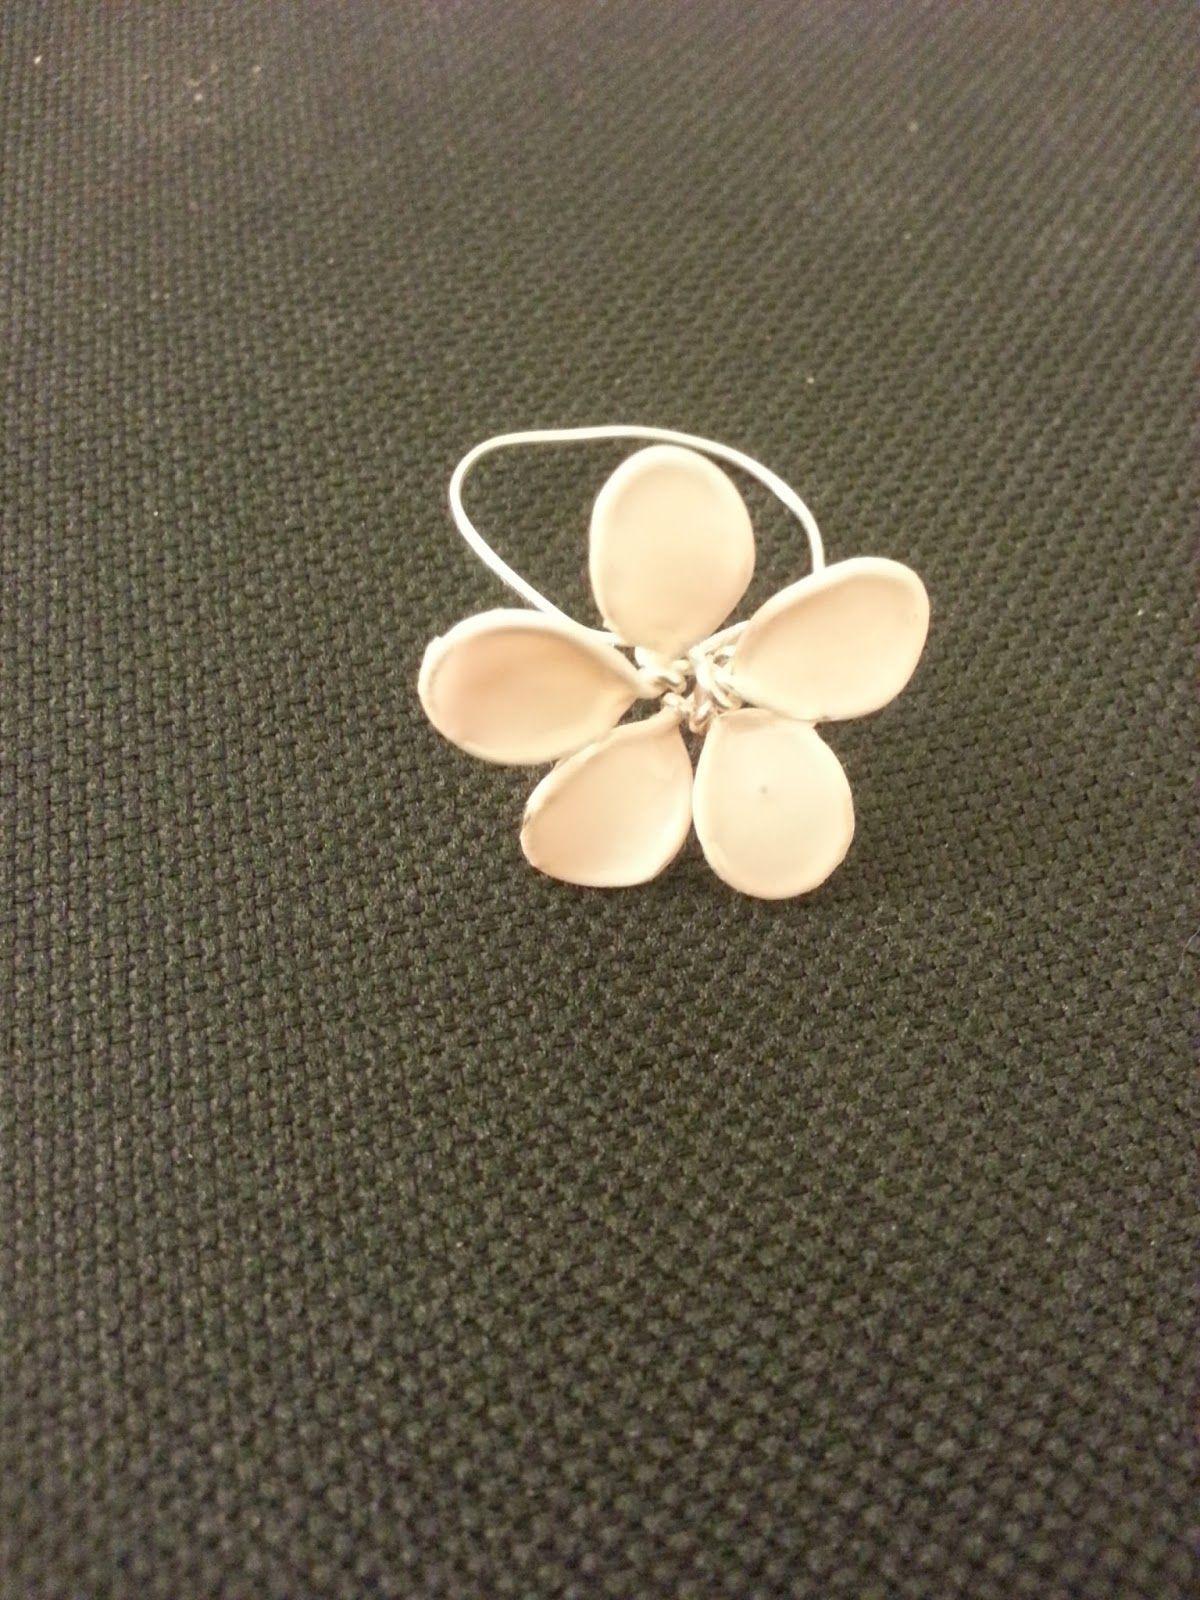 Wire flower nail polish ring | DIY/Deko | Pinterest | Blumen ...